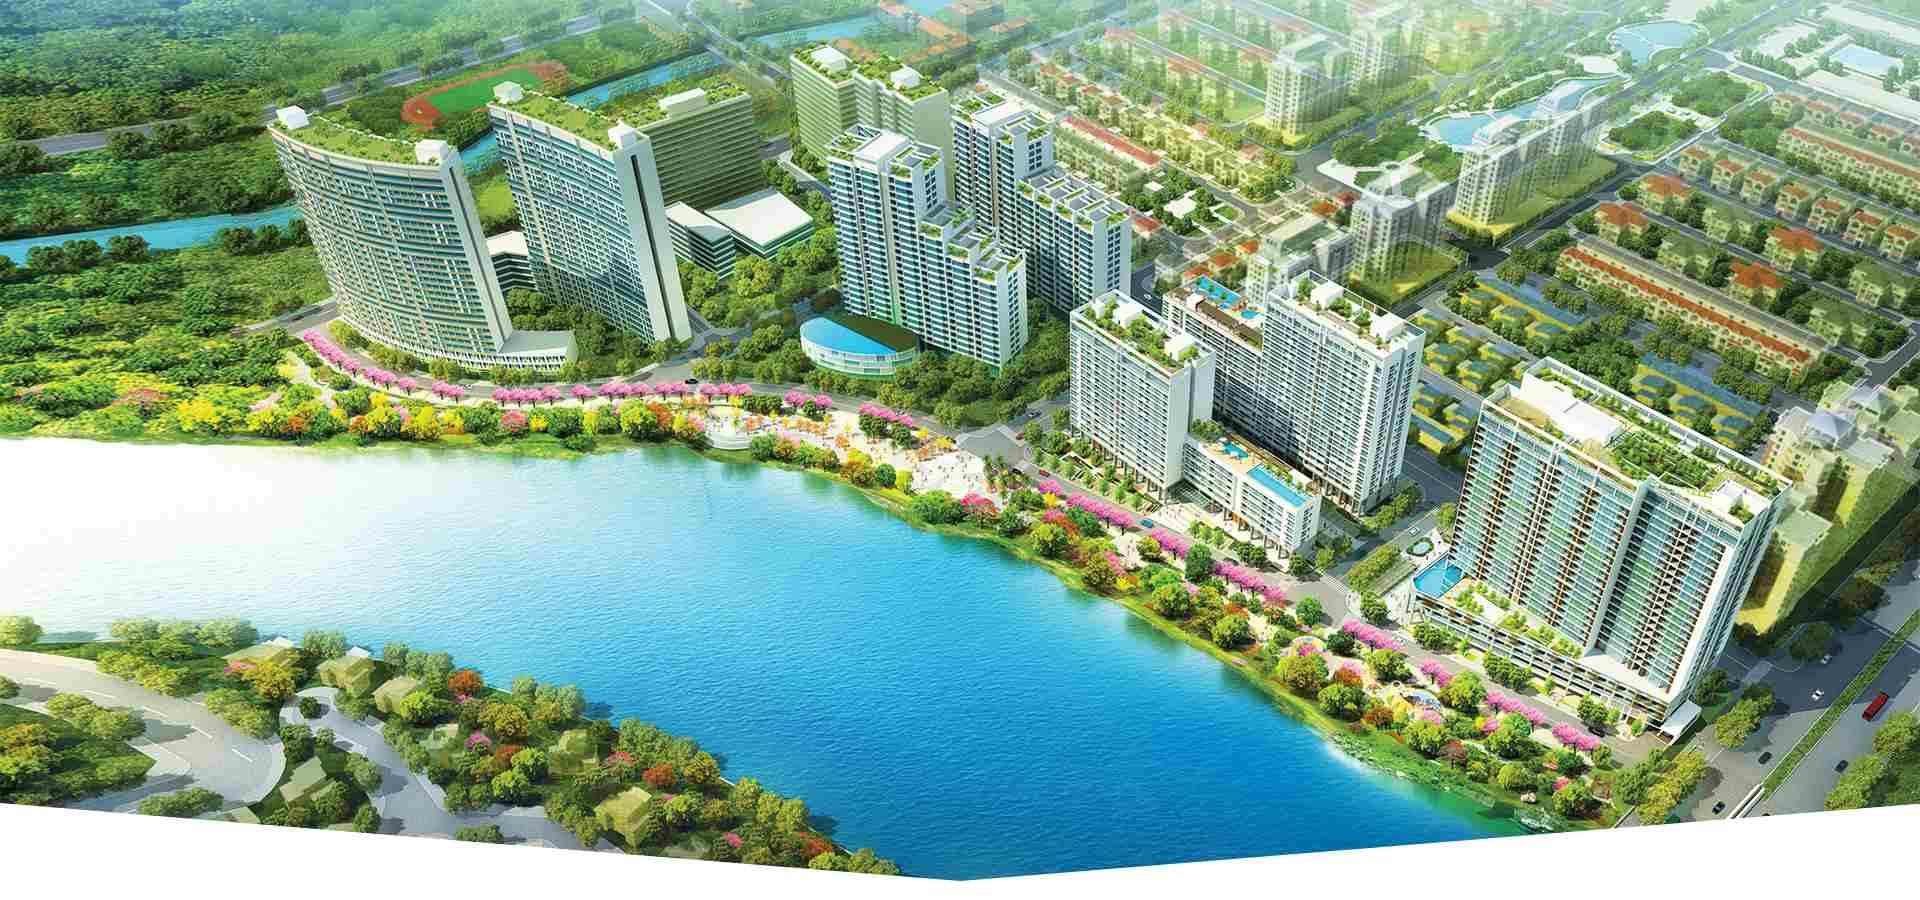 Dự án chung cư căn hộ đường Nguyễn Lương Bằng - Midtown